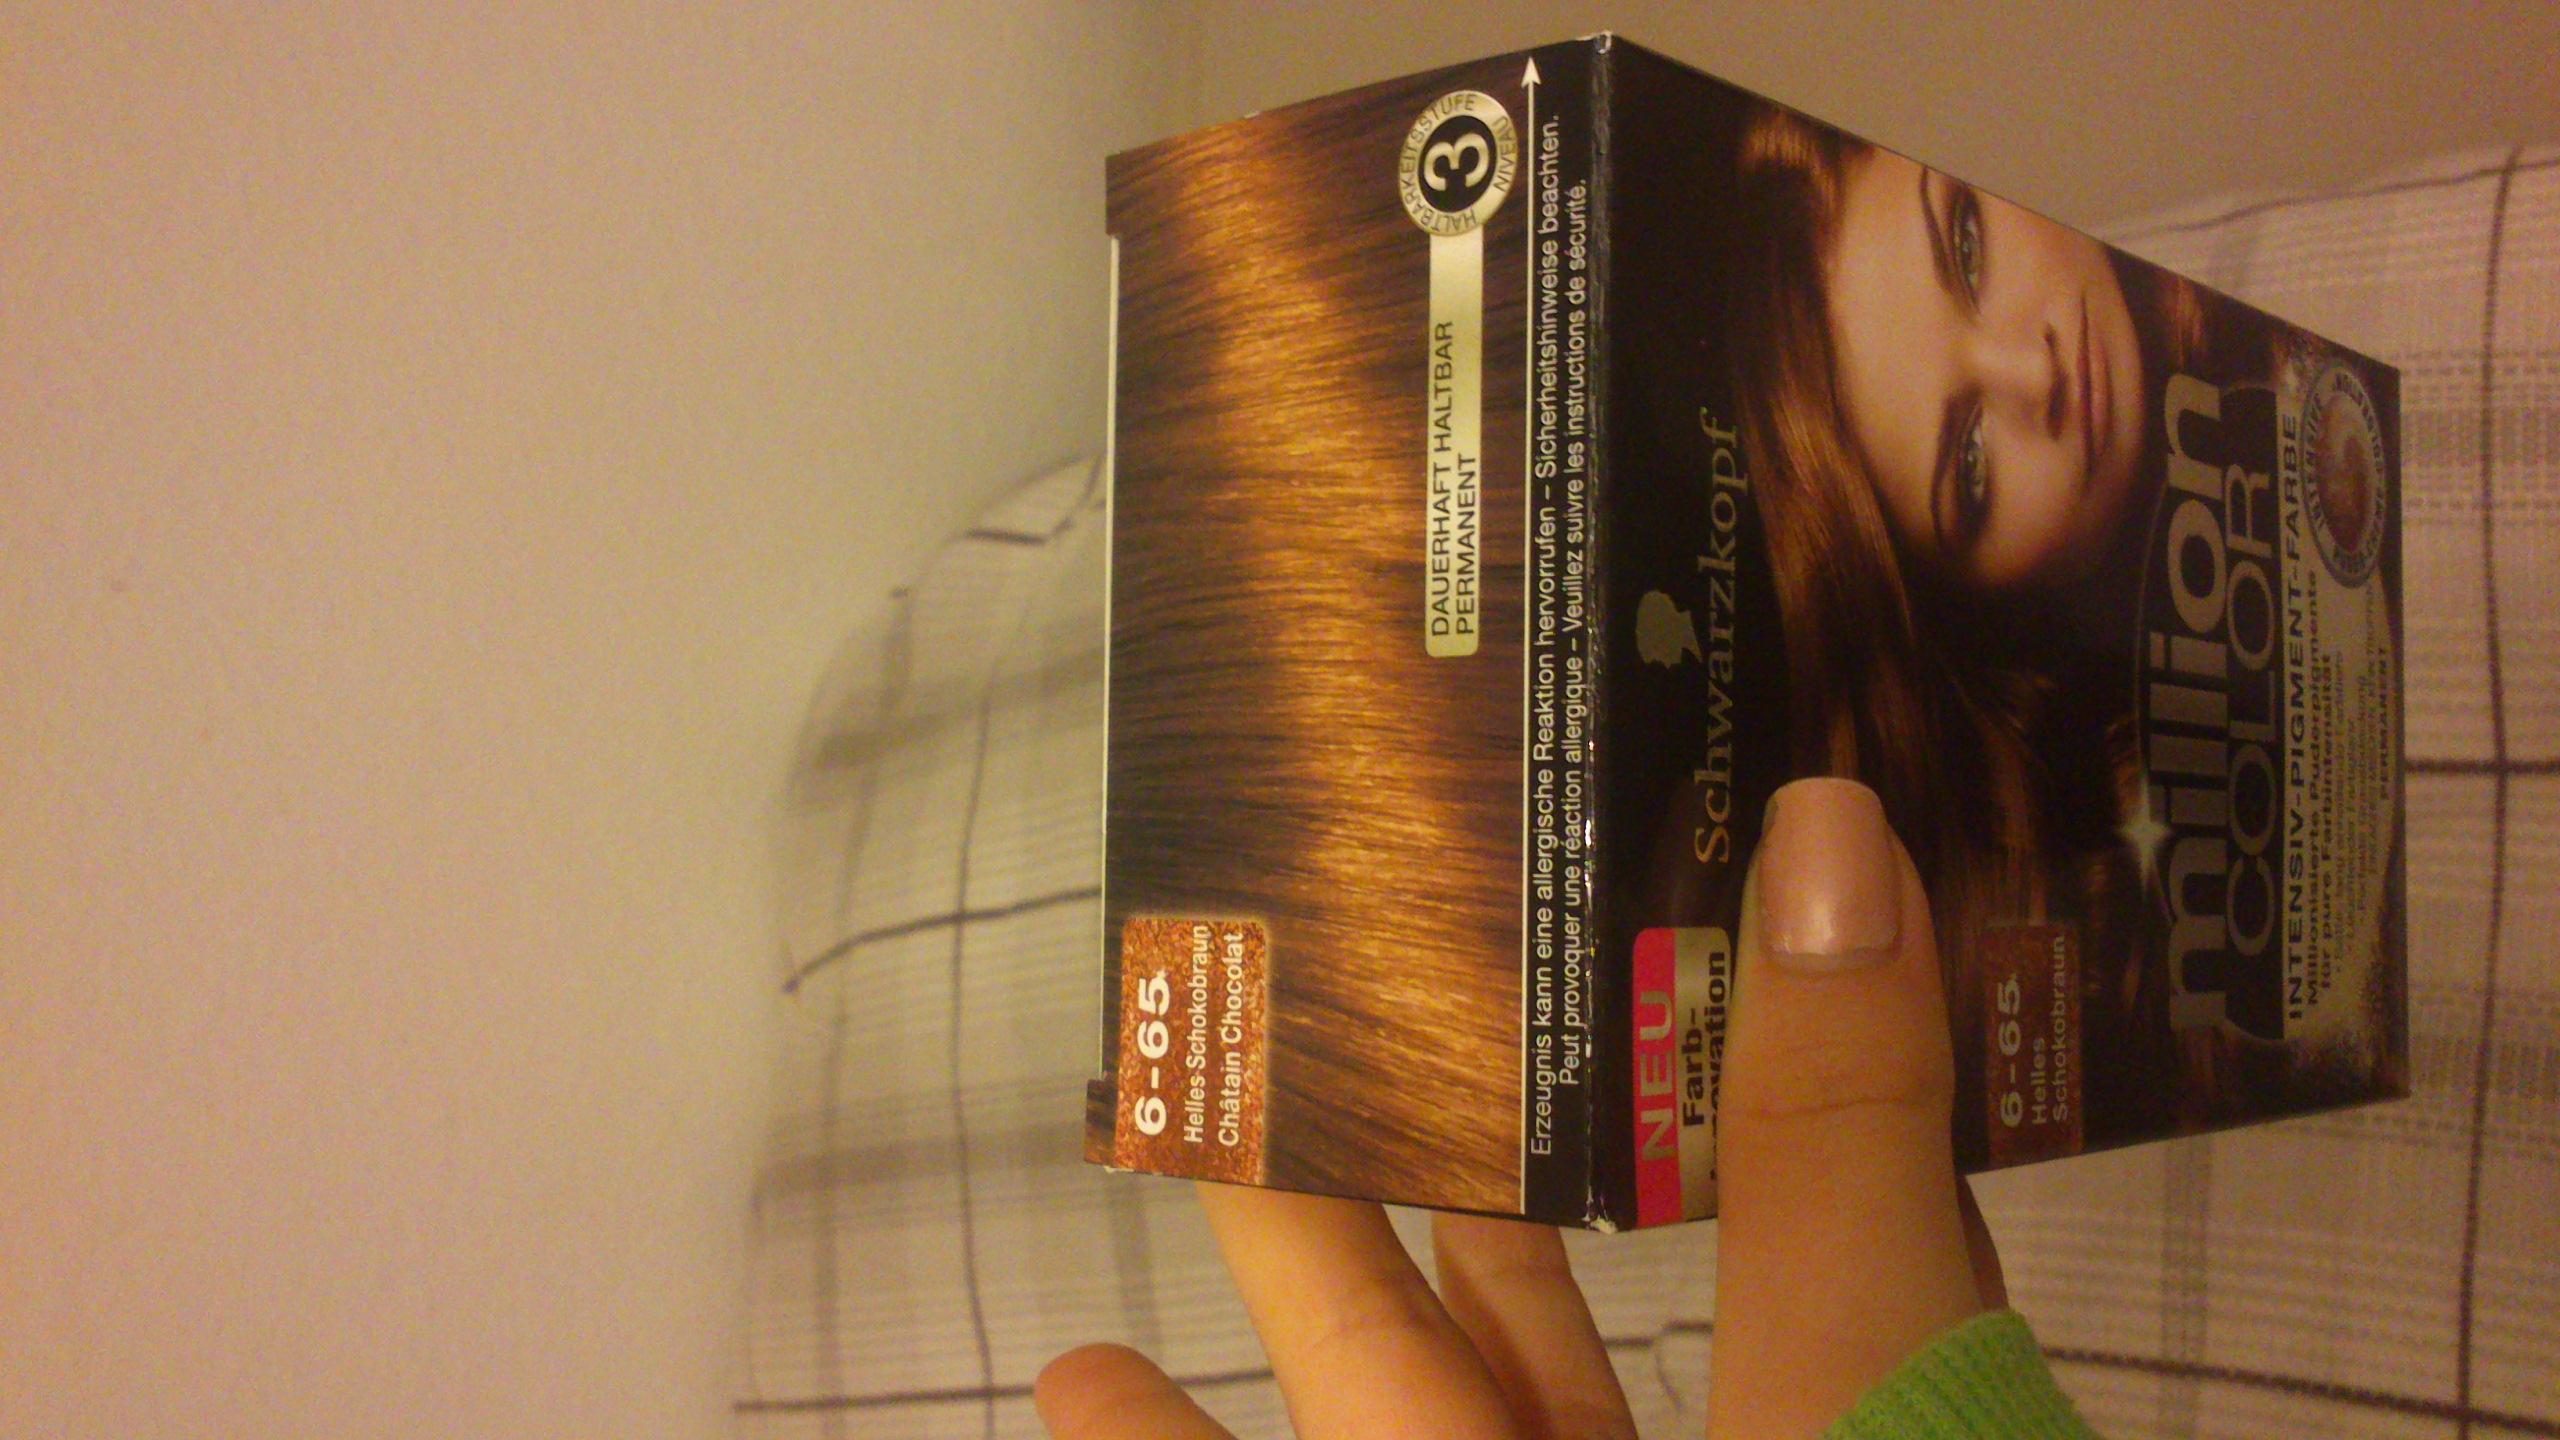 Haare Färben : Dunkelbraun zu Schoko-braun ohne Blondieren ...